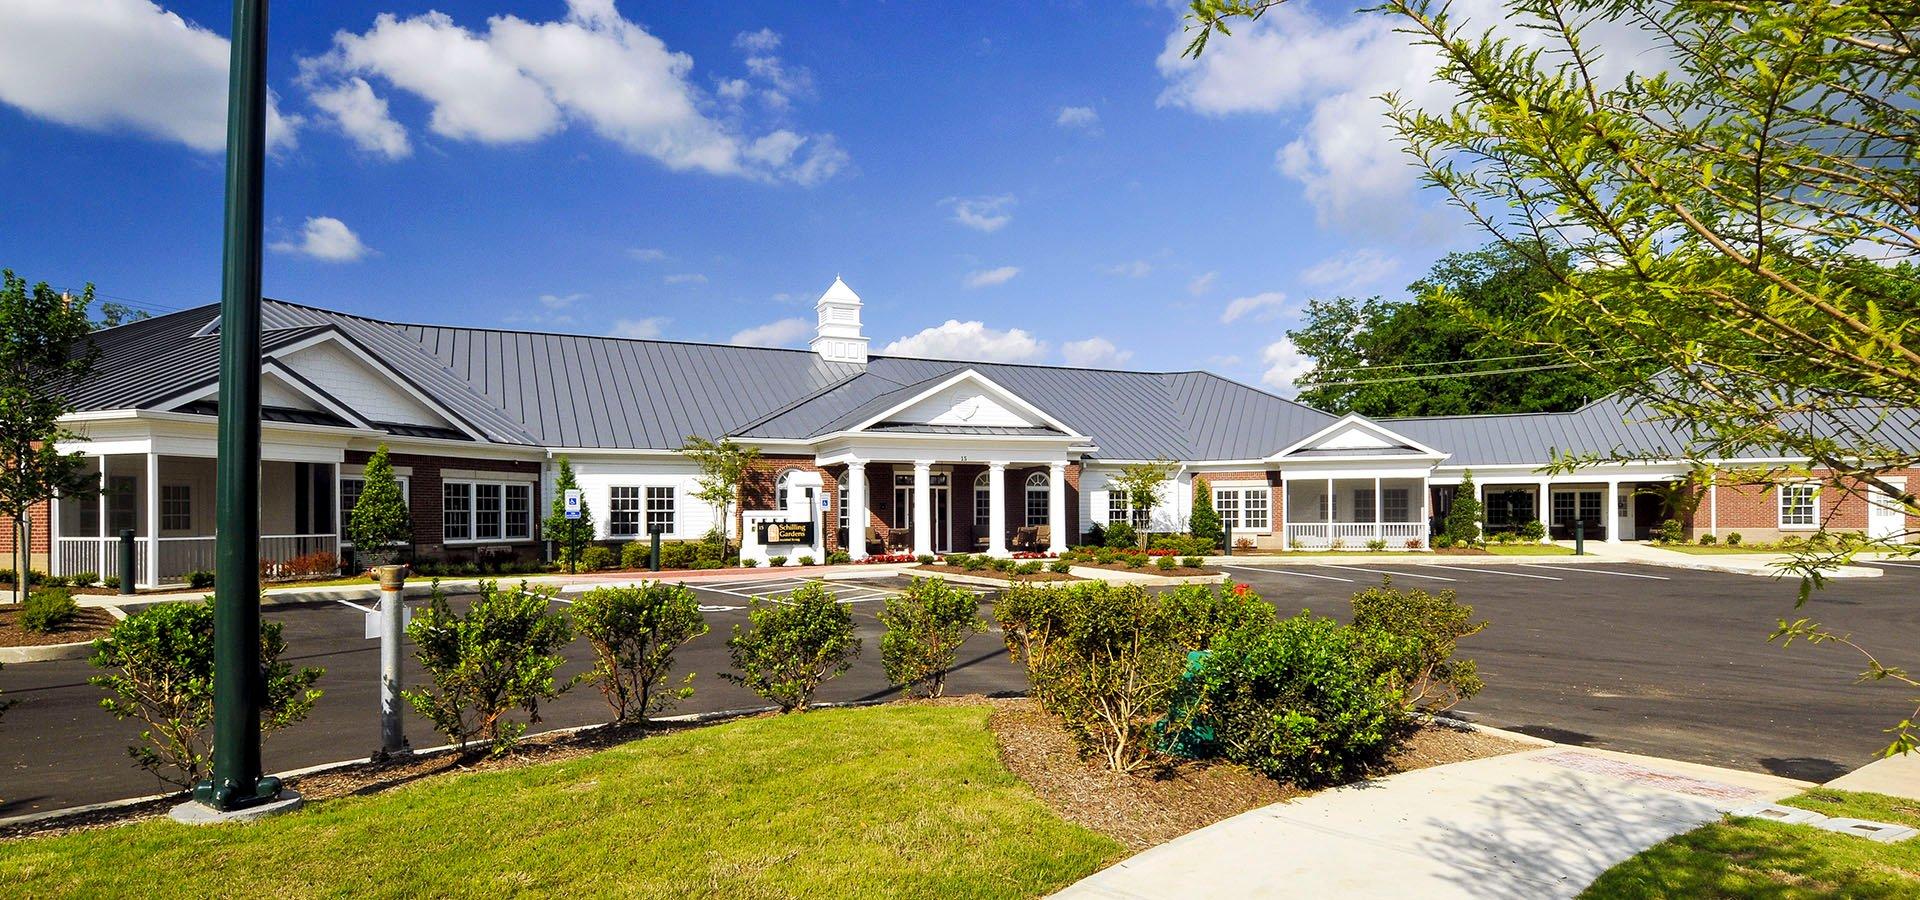 Schilling Gardens   Collierville, Tennessee   Brindley Construction, LLC.